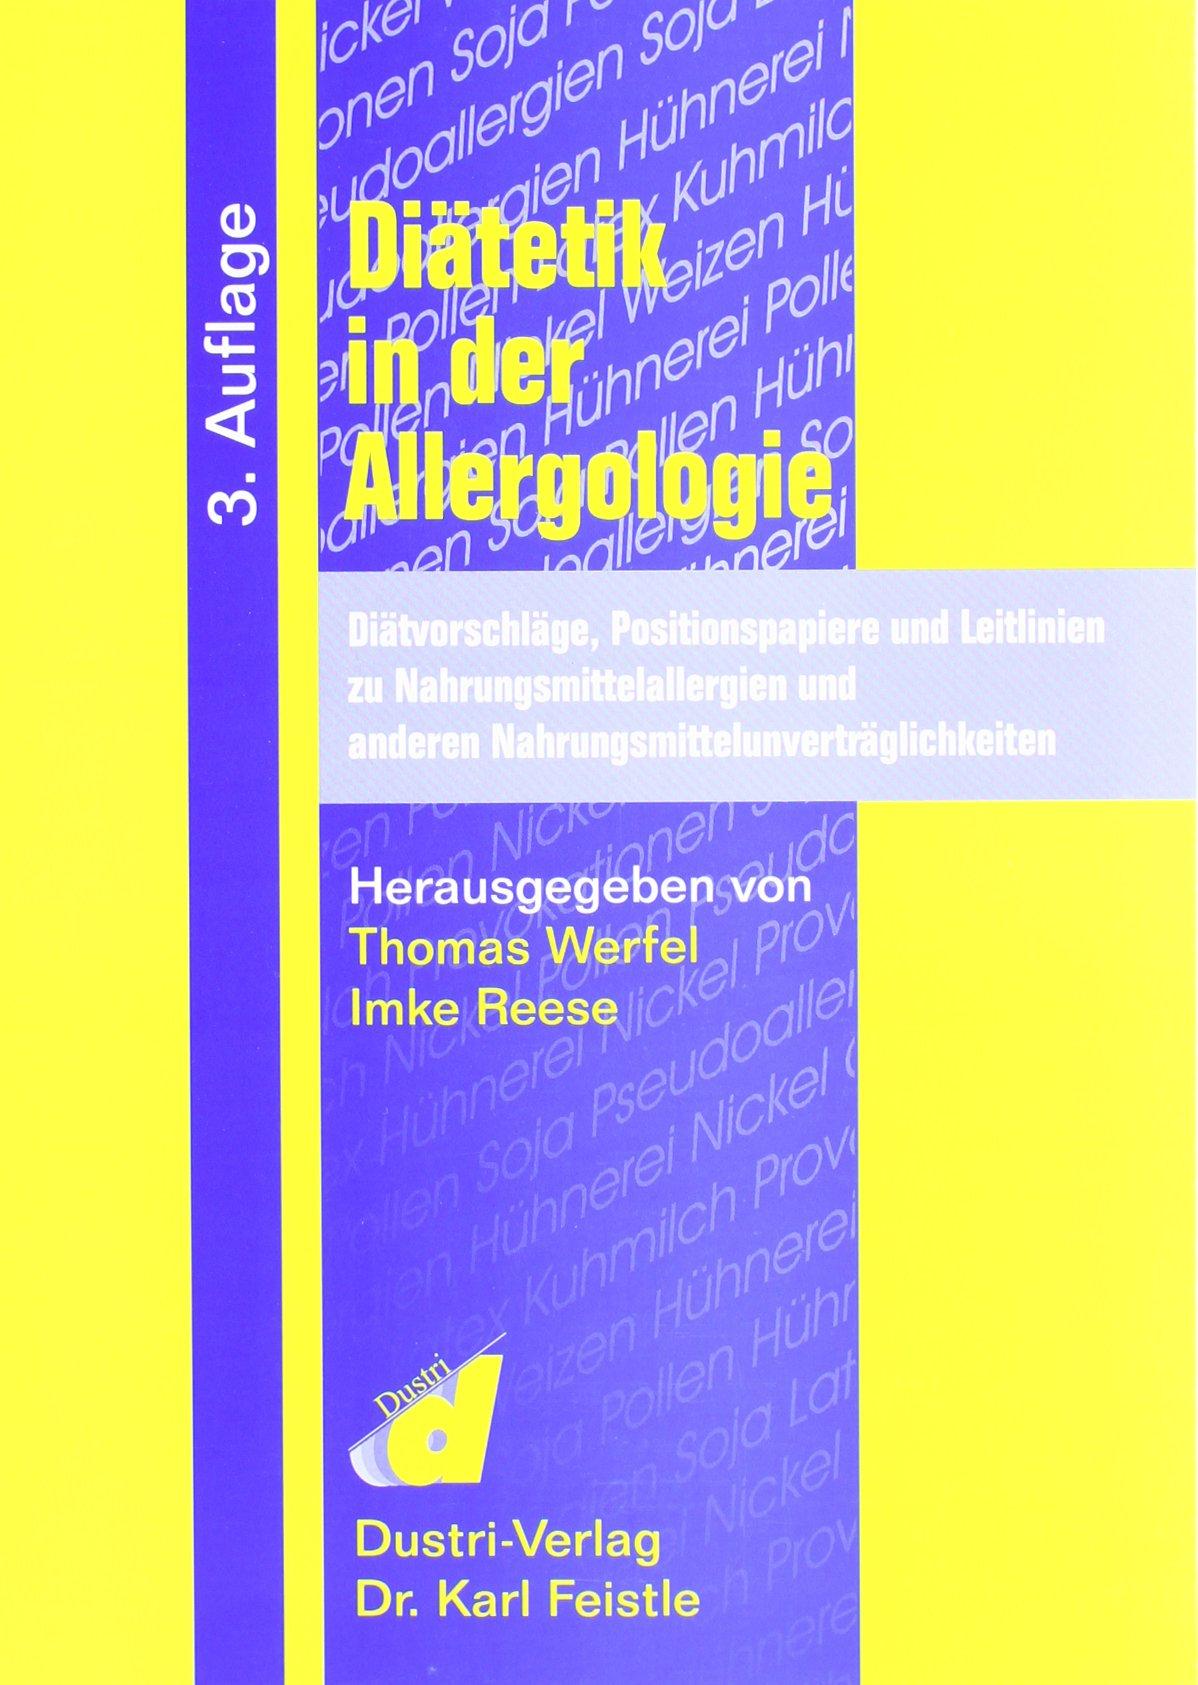 Diätetik in der Allergologie: Diätvorschläge, Positionspapiere und Leitlinien zu Nahrungmittelallergien und anderen Nahrungsmittelunverträglichkeiten